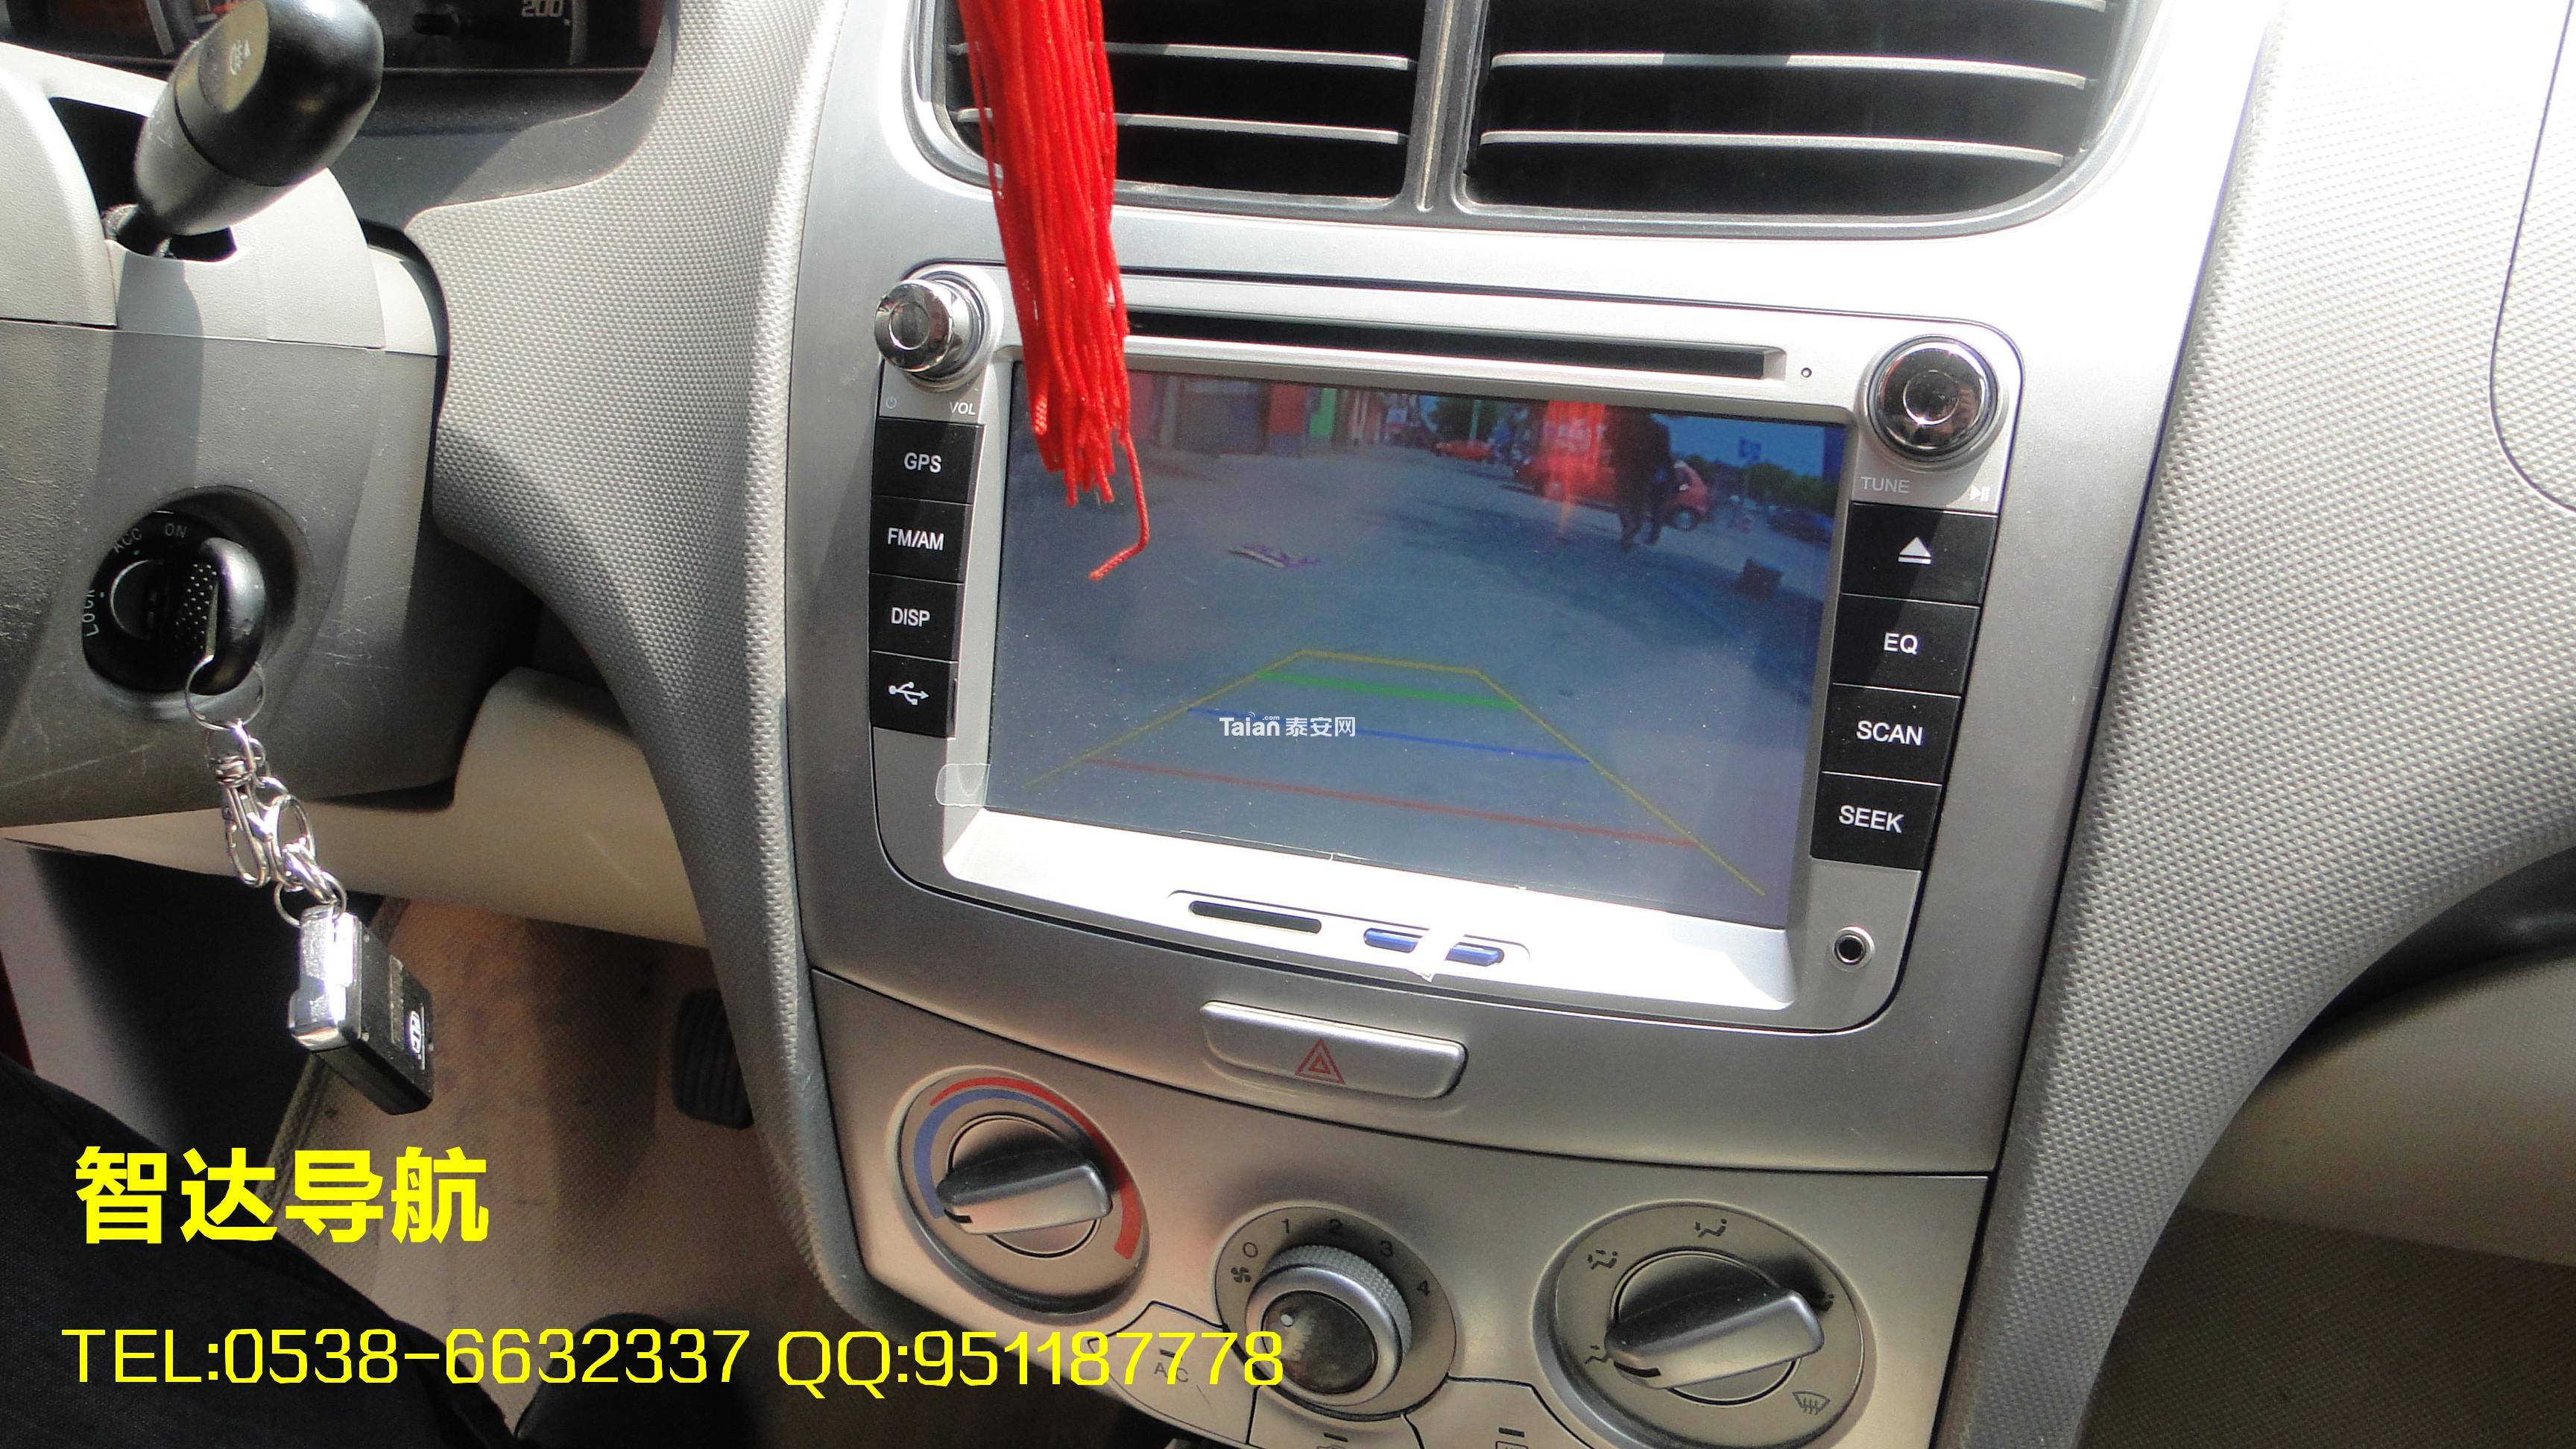 【智达导航 施工作业】雪佛兰赛欧安装专车专用dvd导航一体机